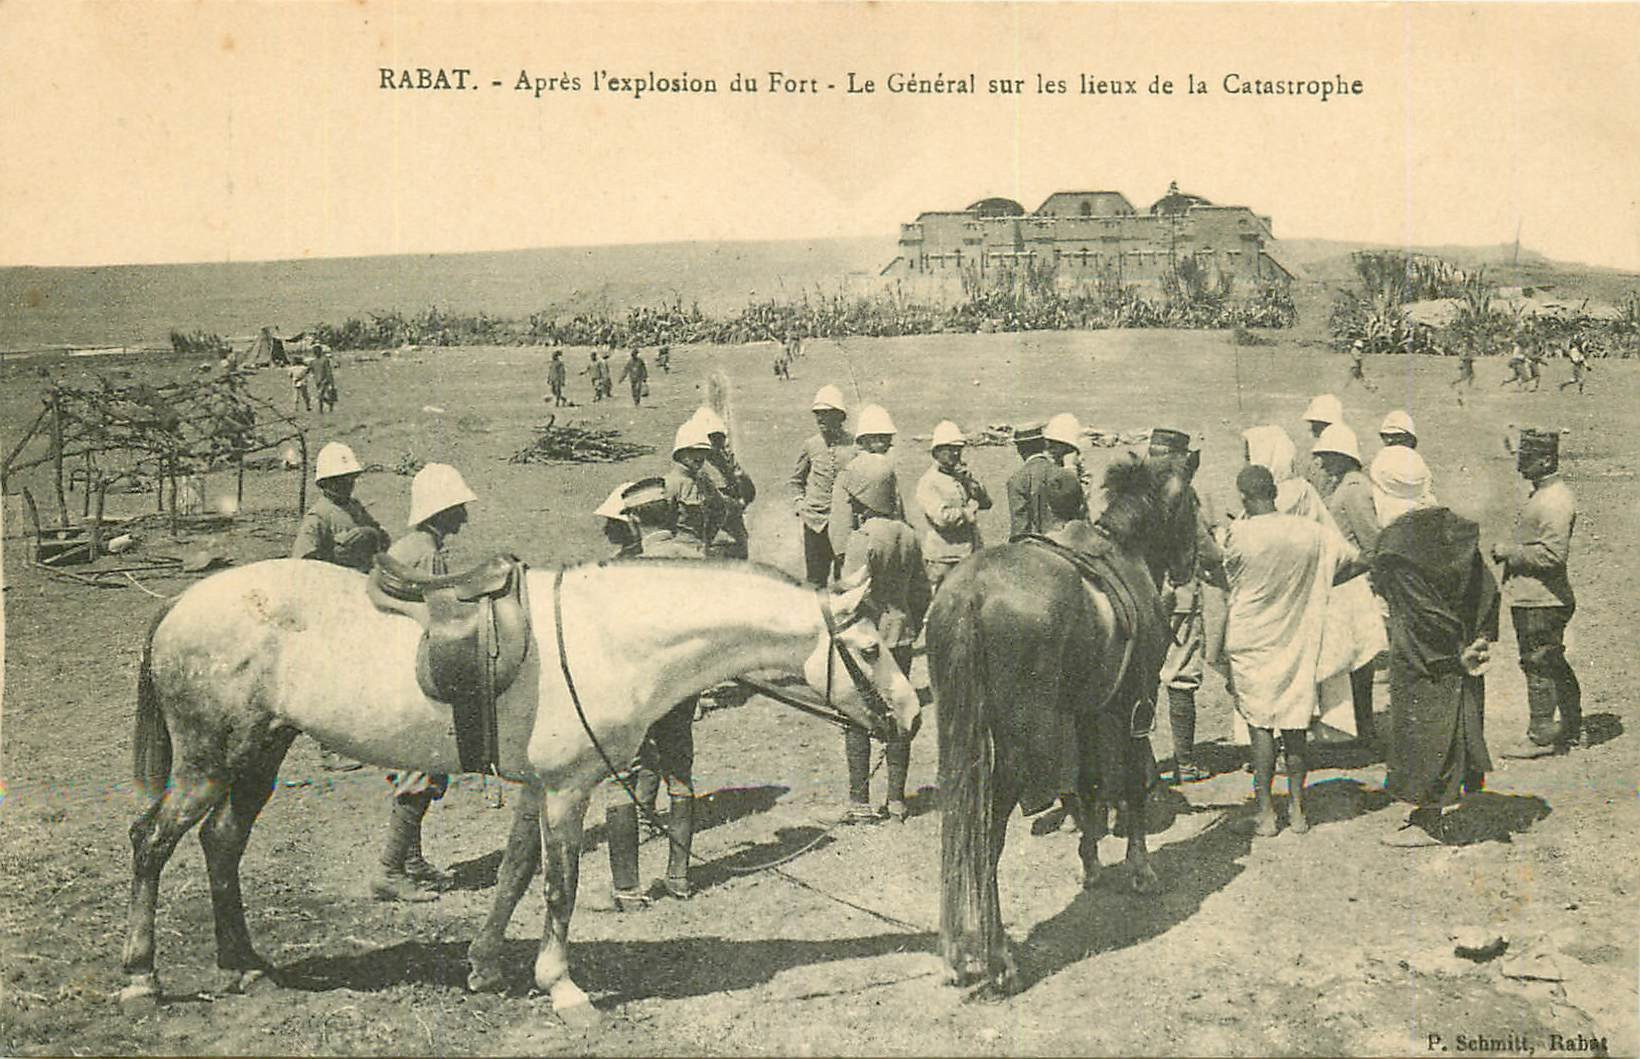 WW CAMPAGNE DU MAROC 1912. Le Général après l'explosion du Fort à Rabat